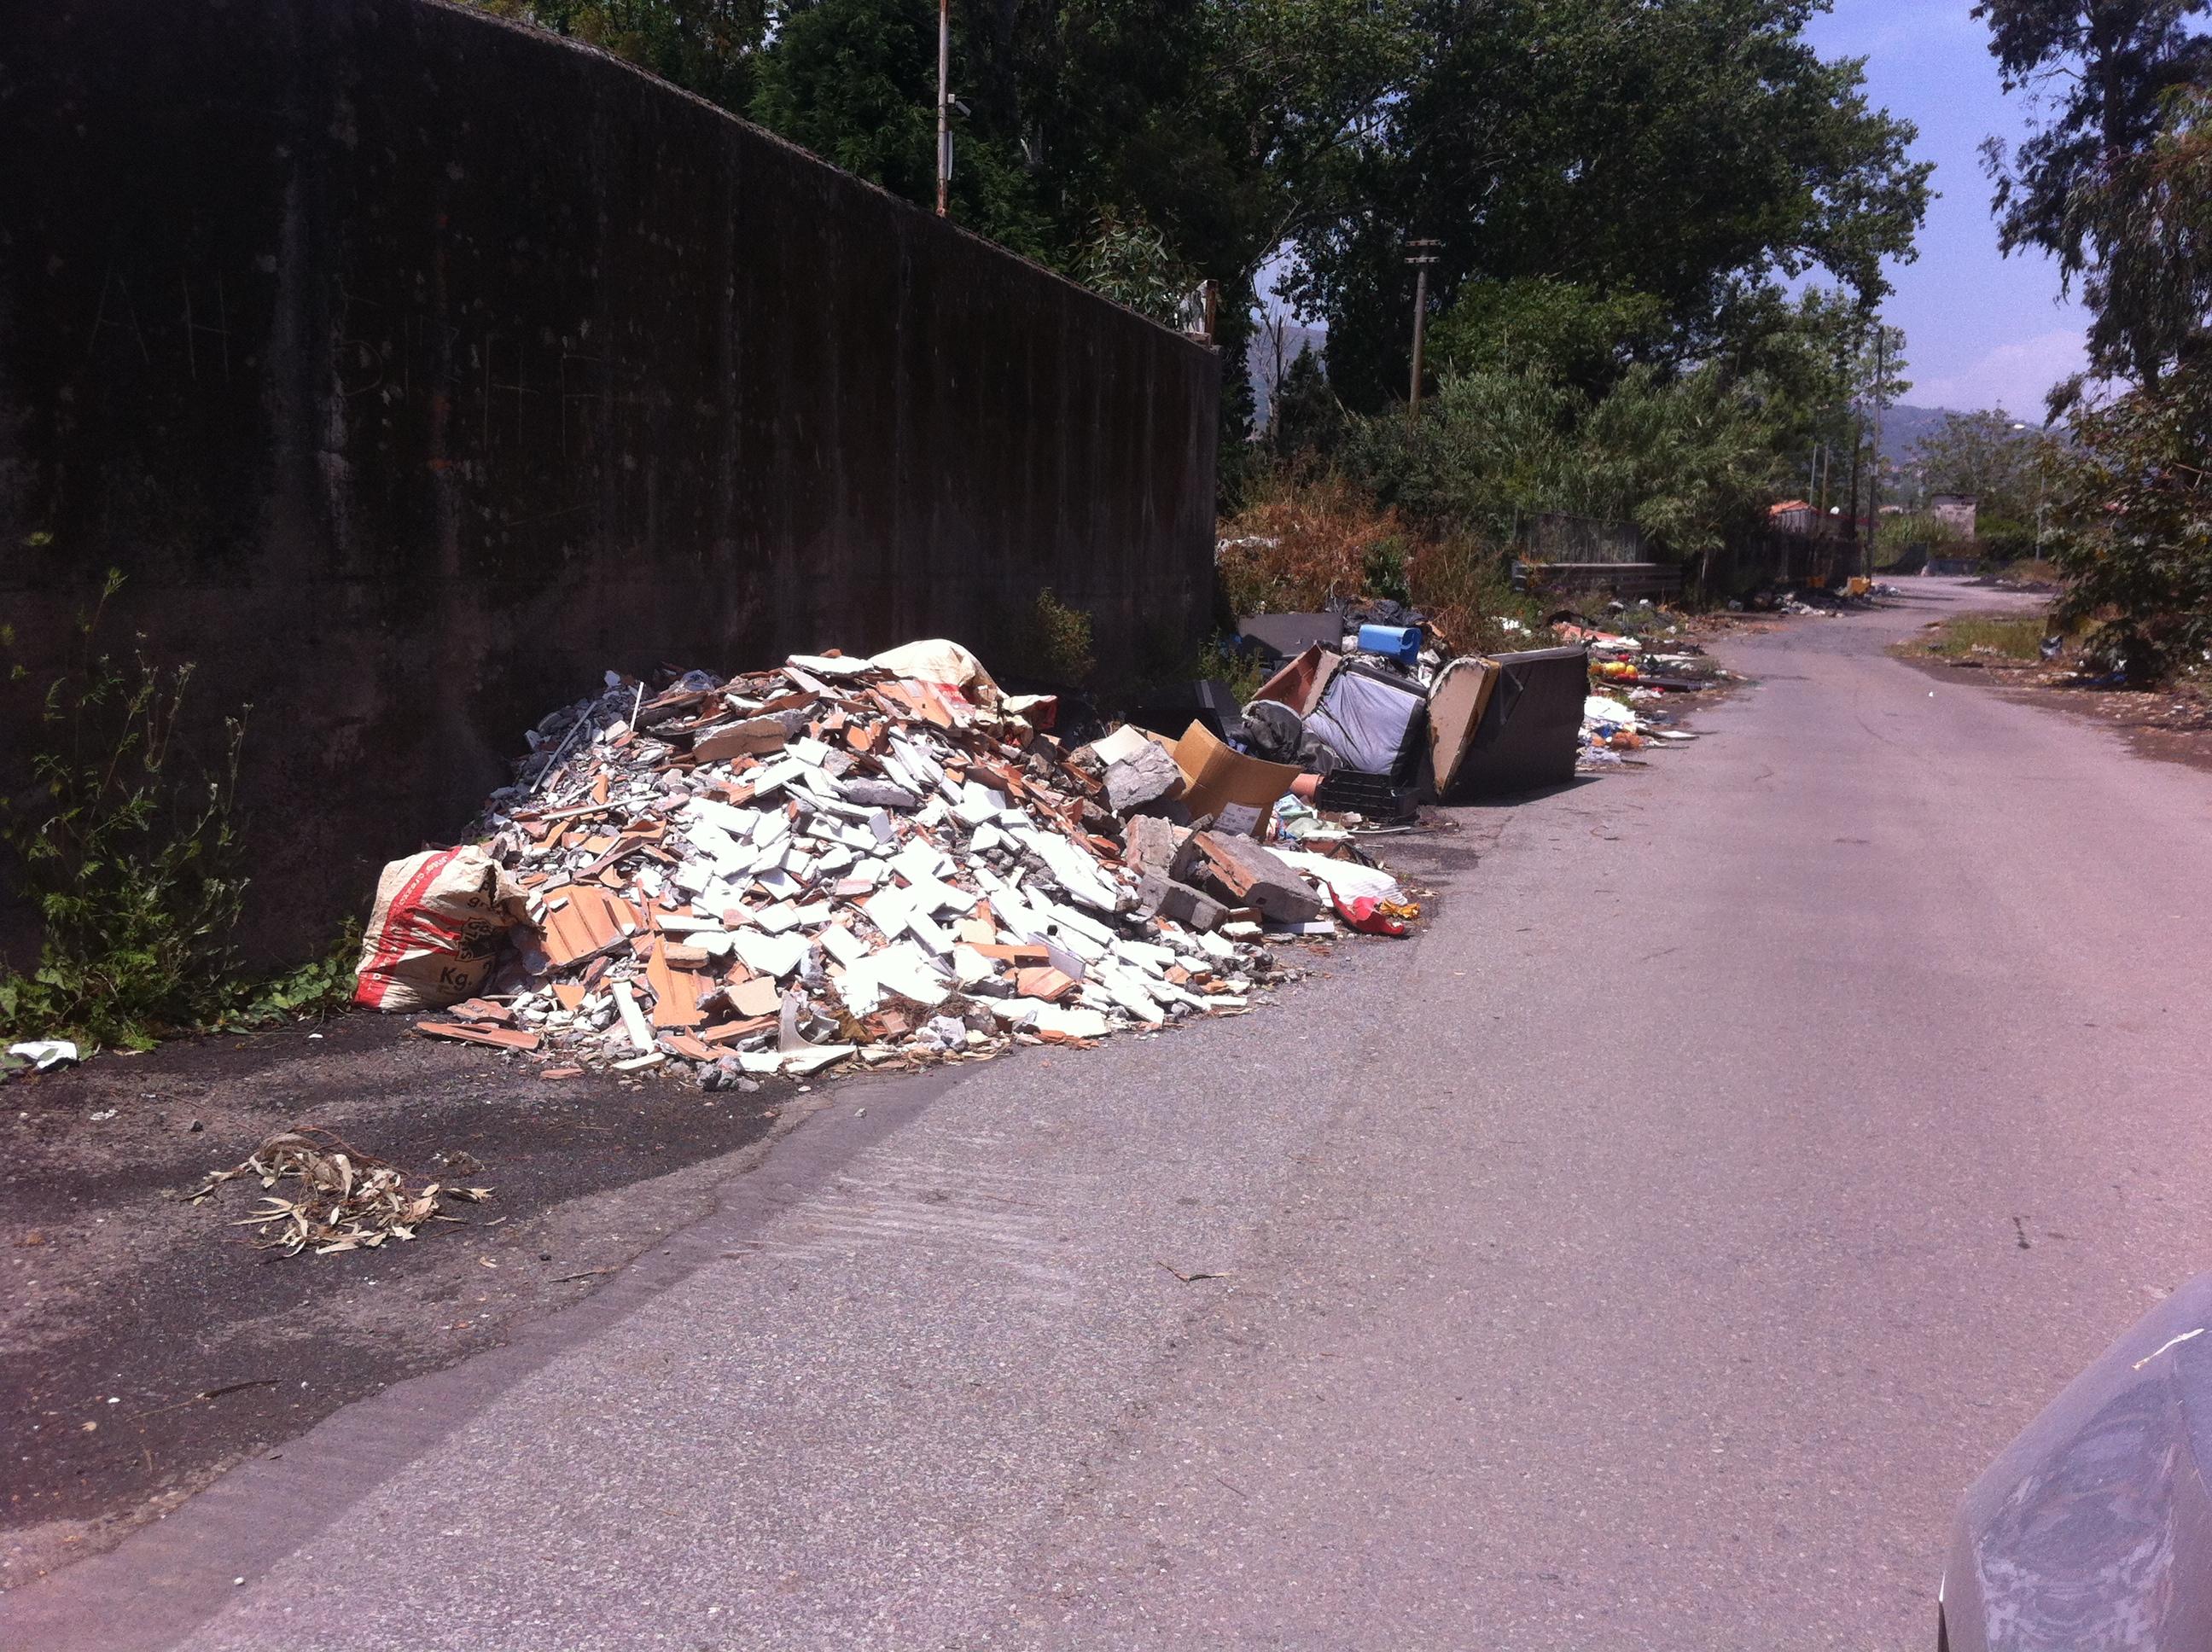 Fondachello e S.Anna sommerse dai rifiuti: inizia nel peggiore dei modi la stagione estiva